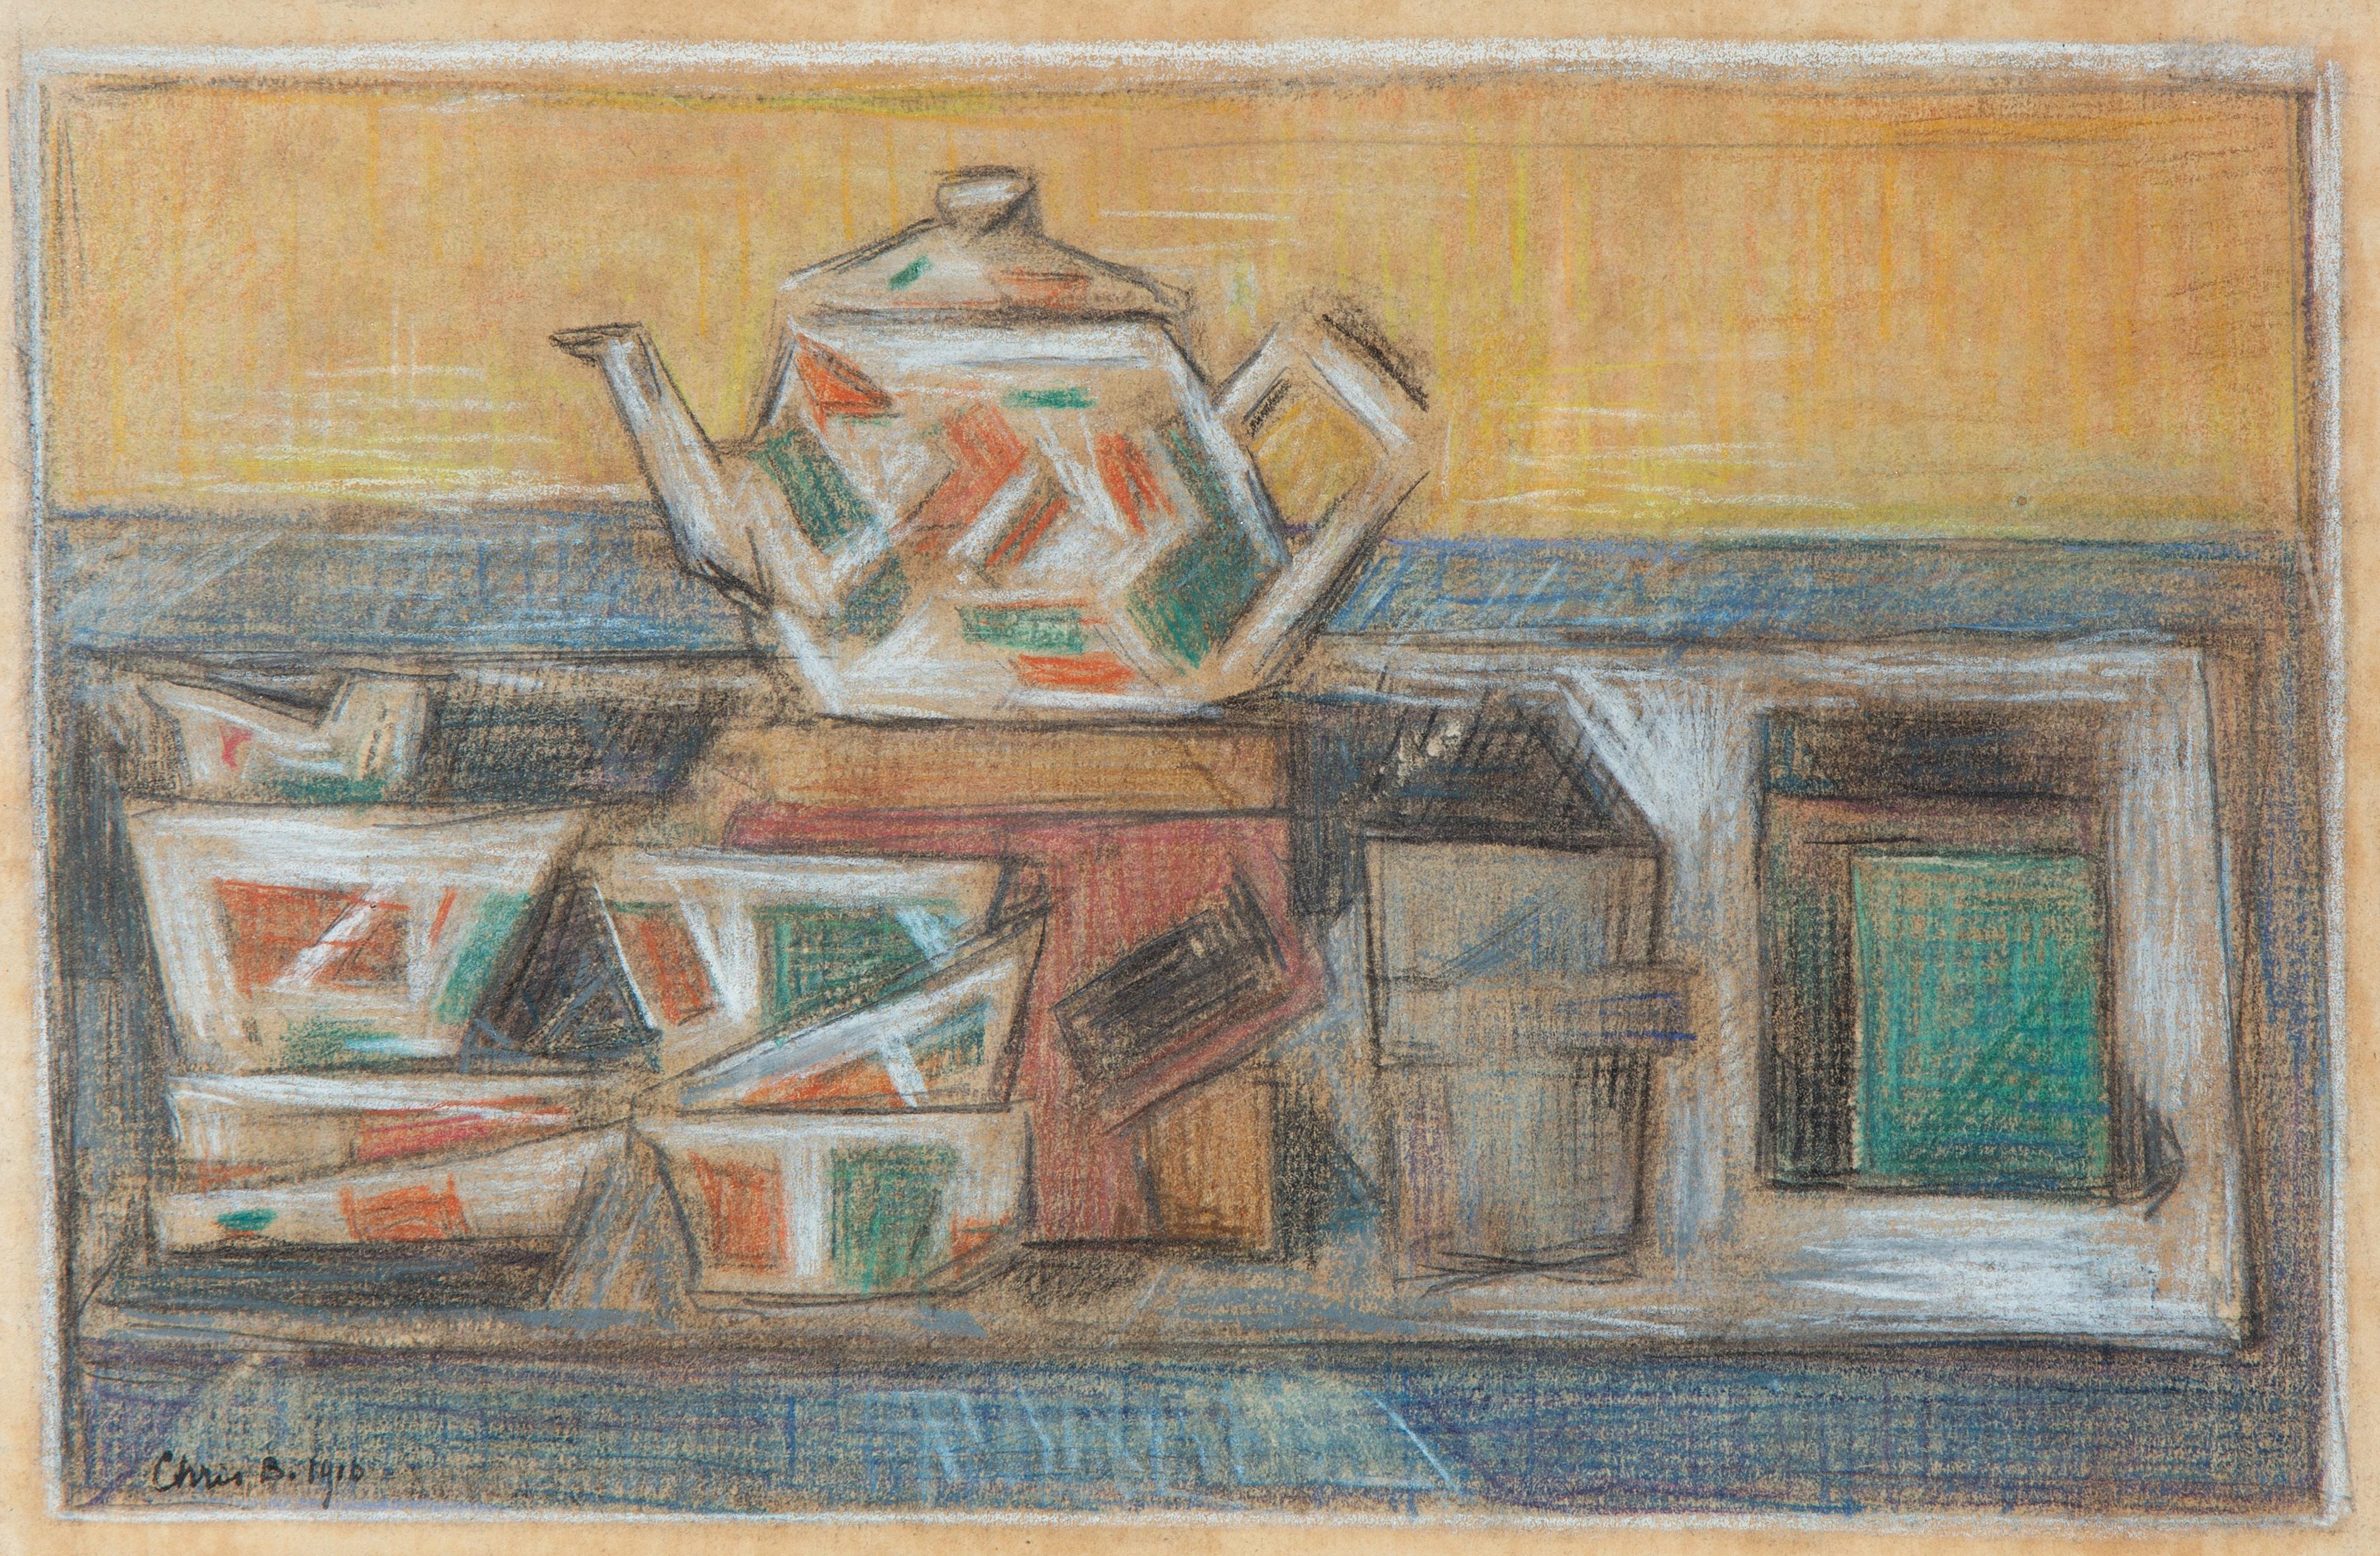 A still life with a tea set